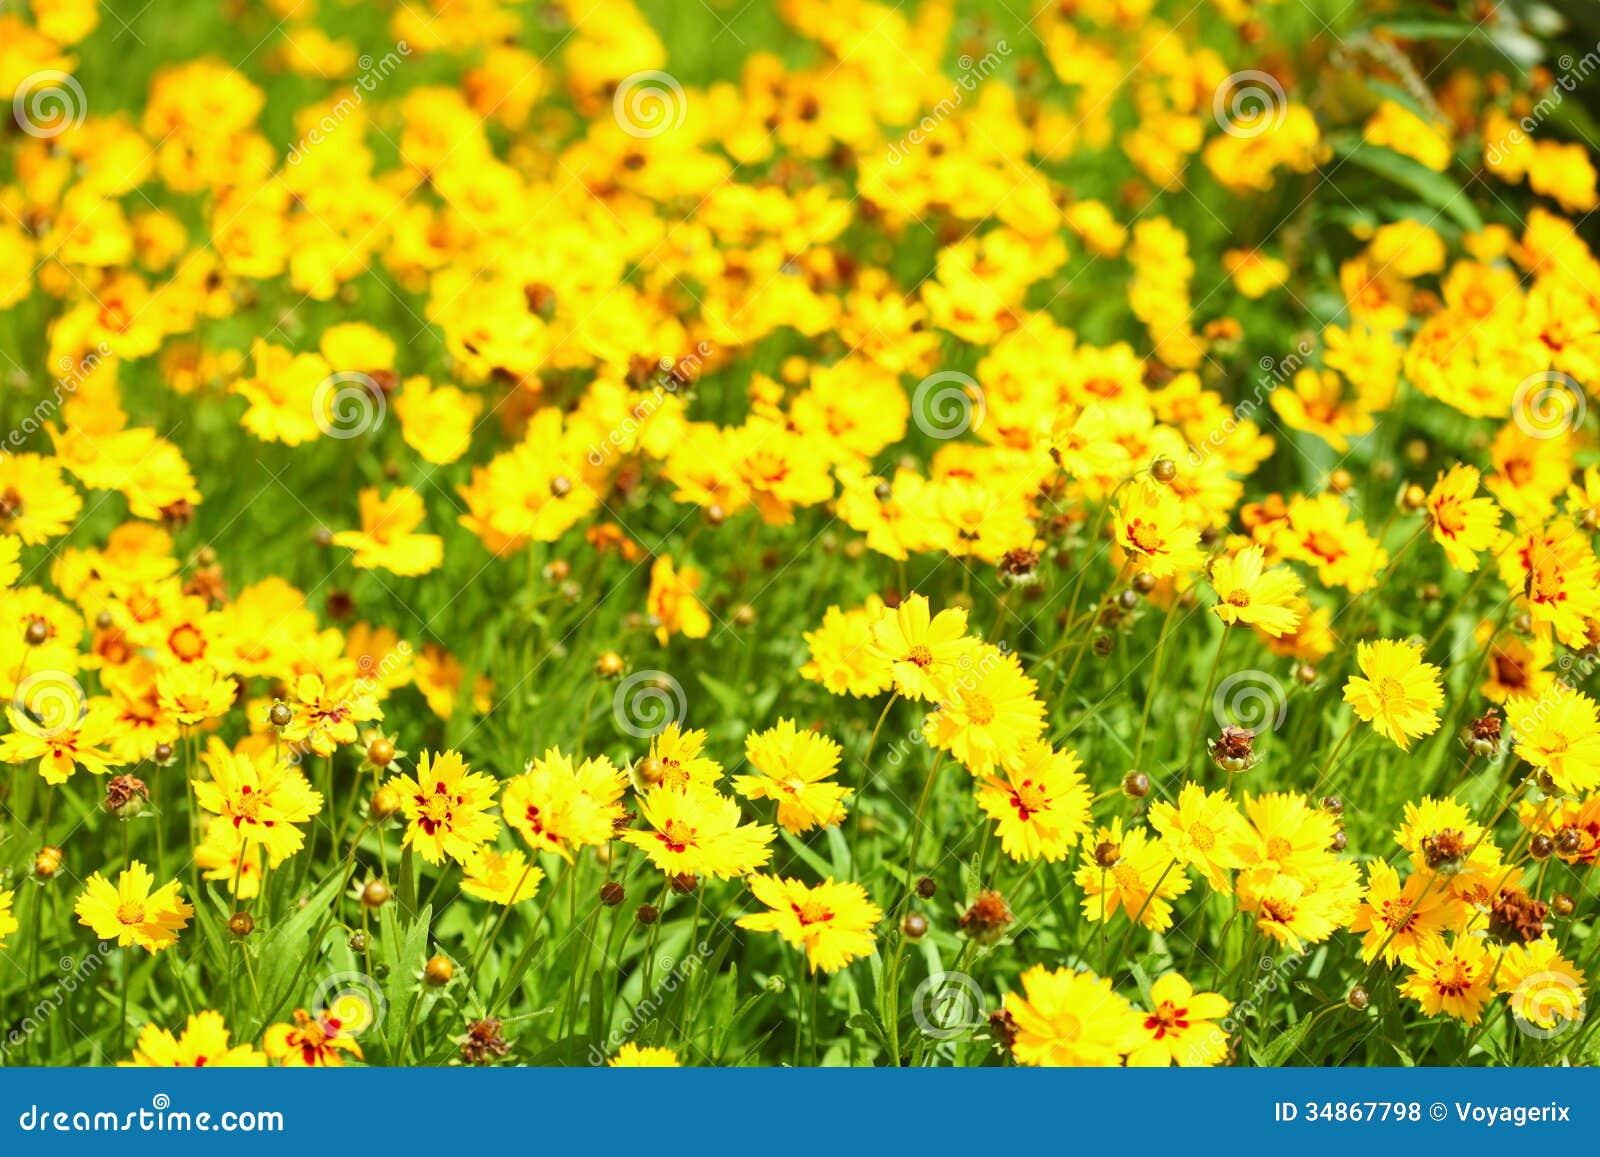 de gele bloemen in de tuin glansten bij zon stock foto